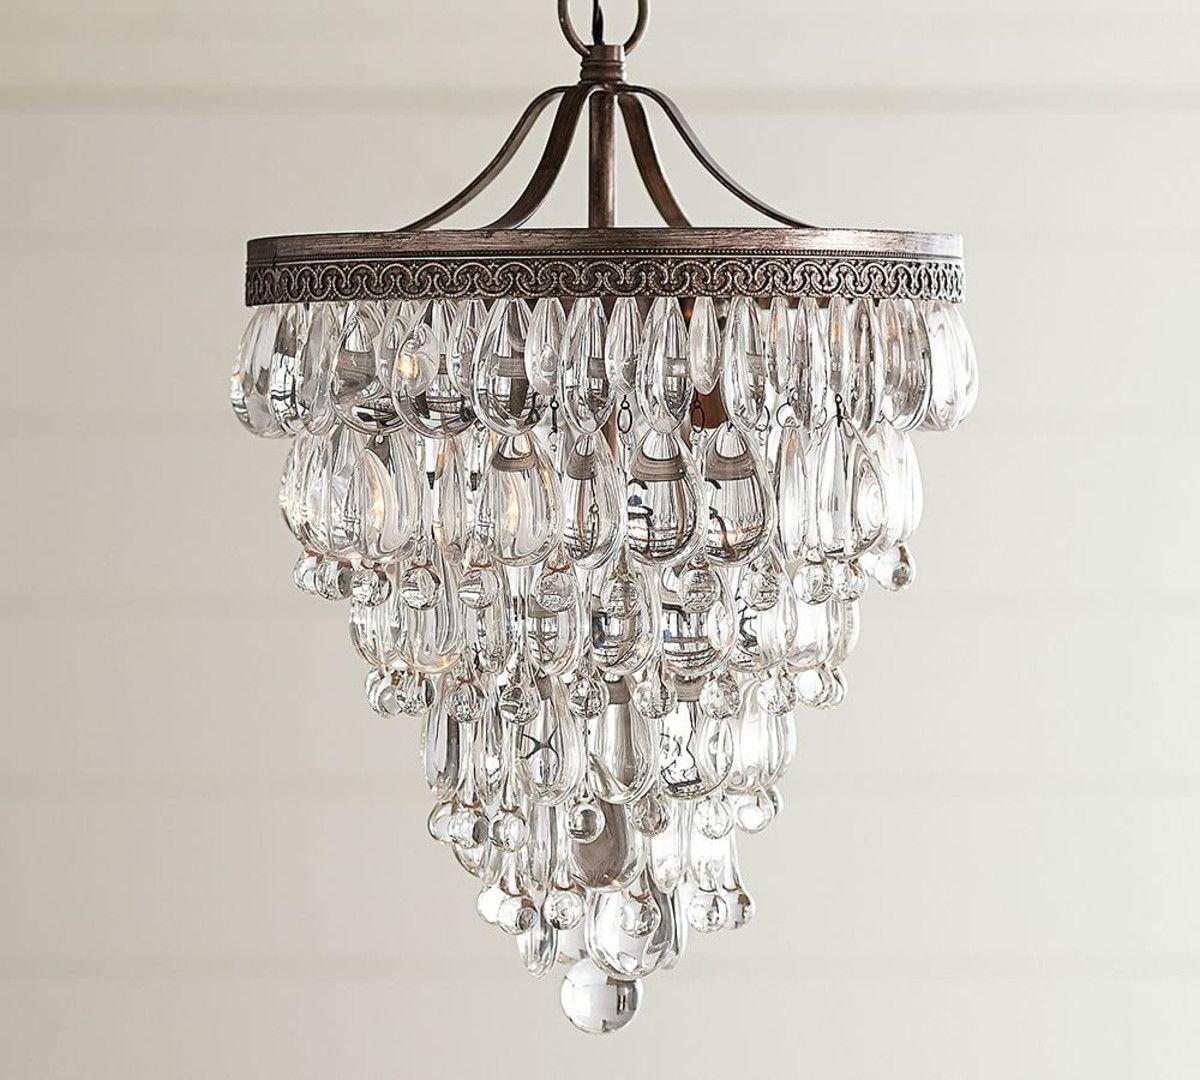 Buy similar for foyer lighting Clarissa Crystal